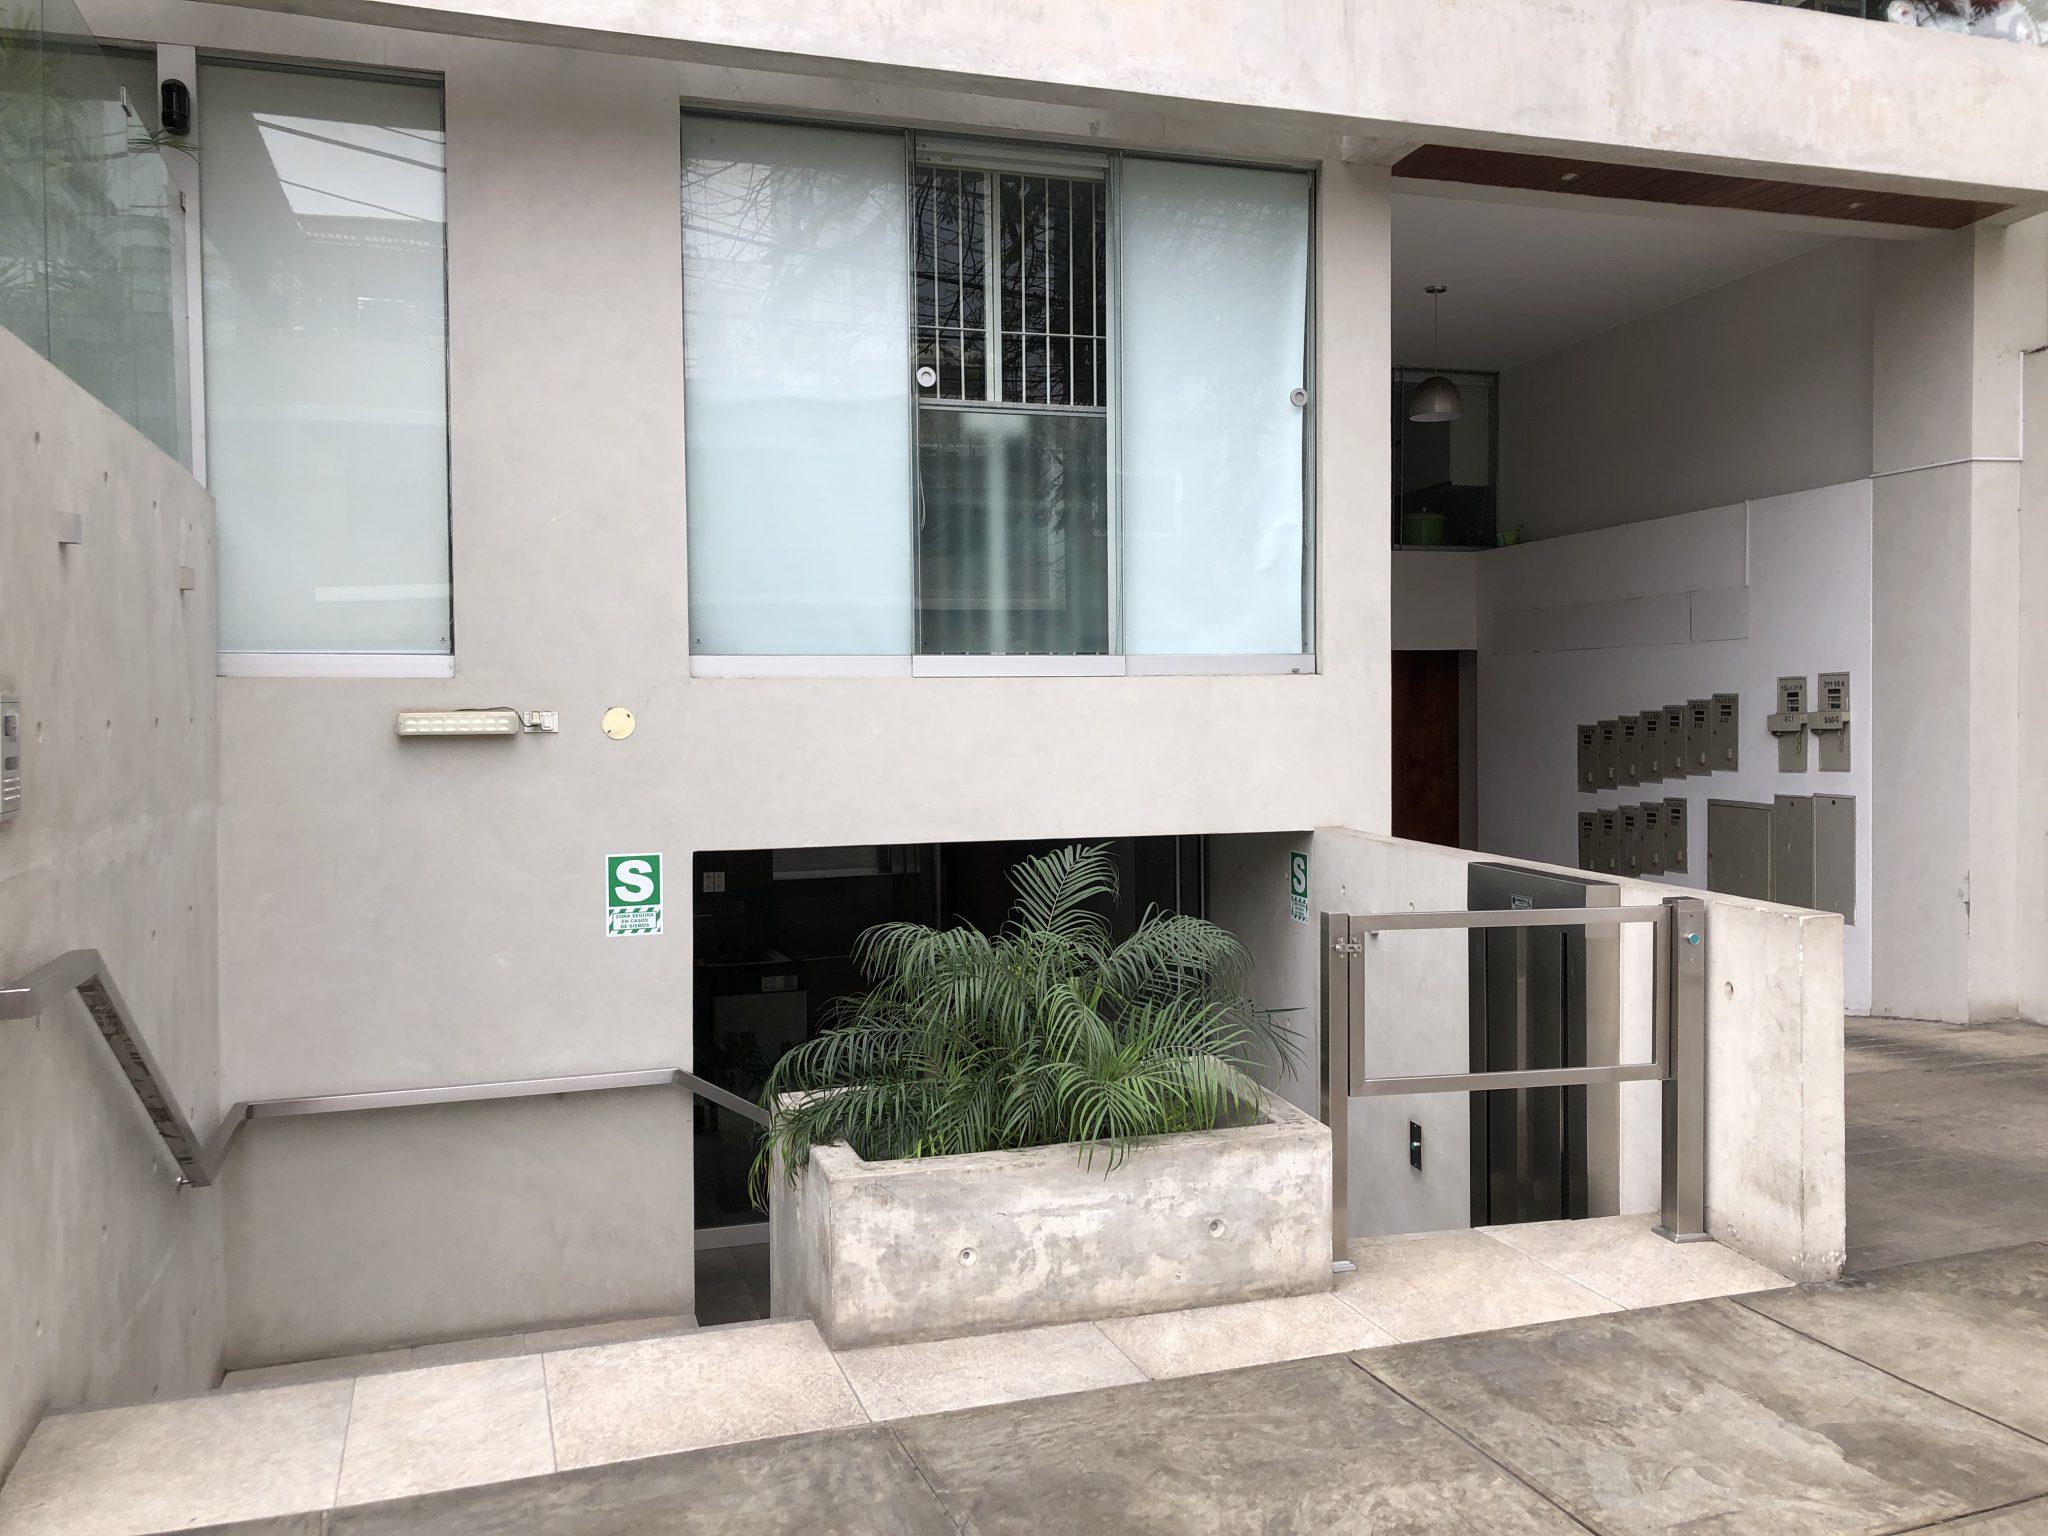 MODERNO DEPARTAMENTO EN ZONA EXCLUSIVA DE BARRANCO EN VENTA US$ 470,000.00